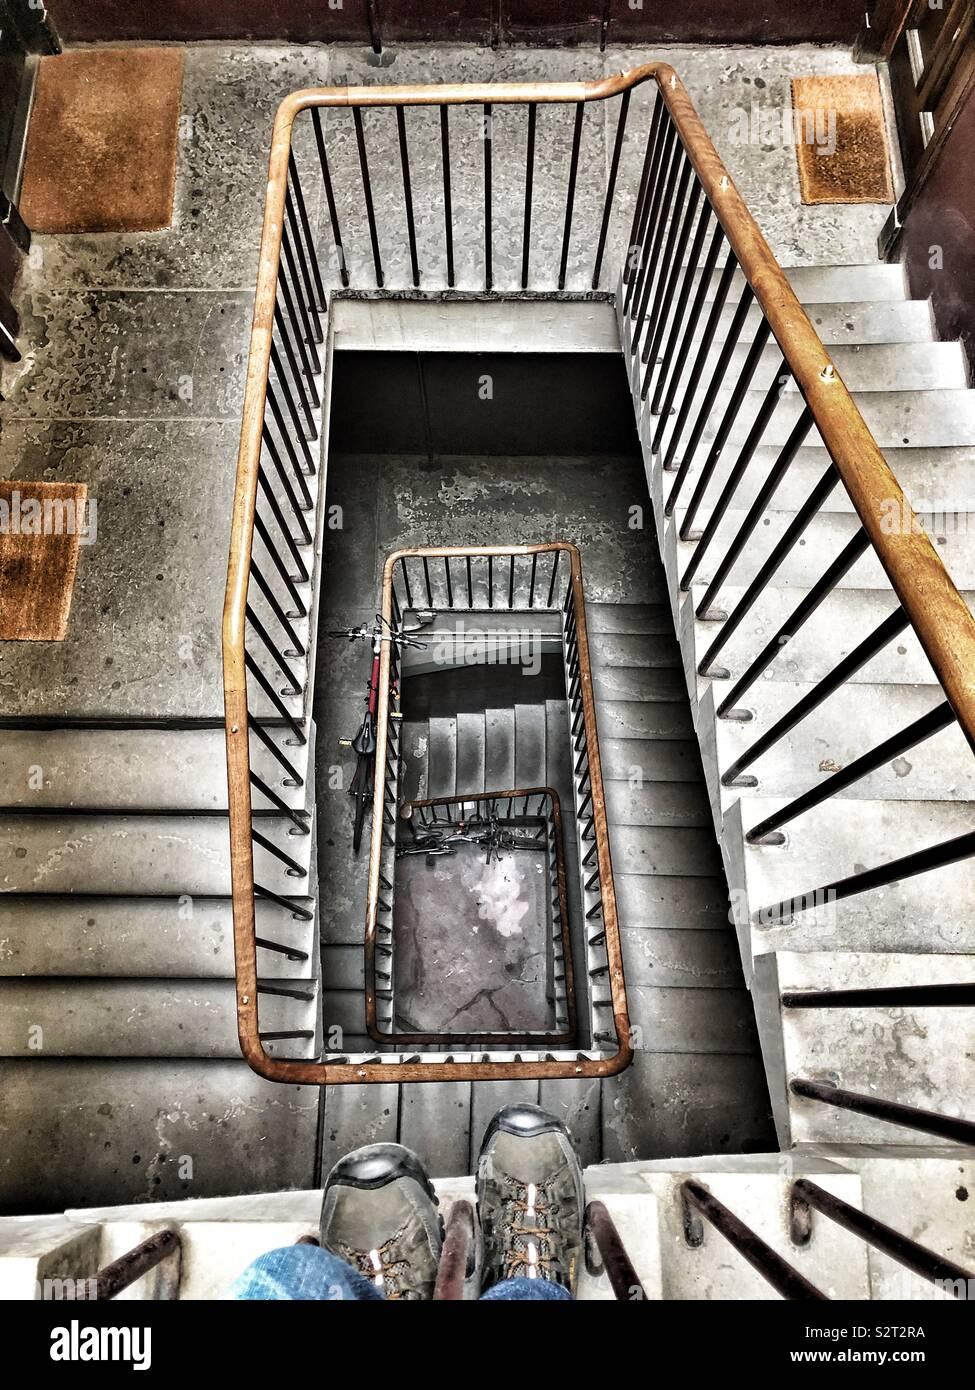 Escalier intérieur Photo Stock